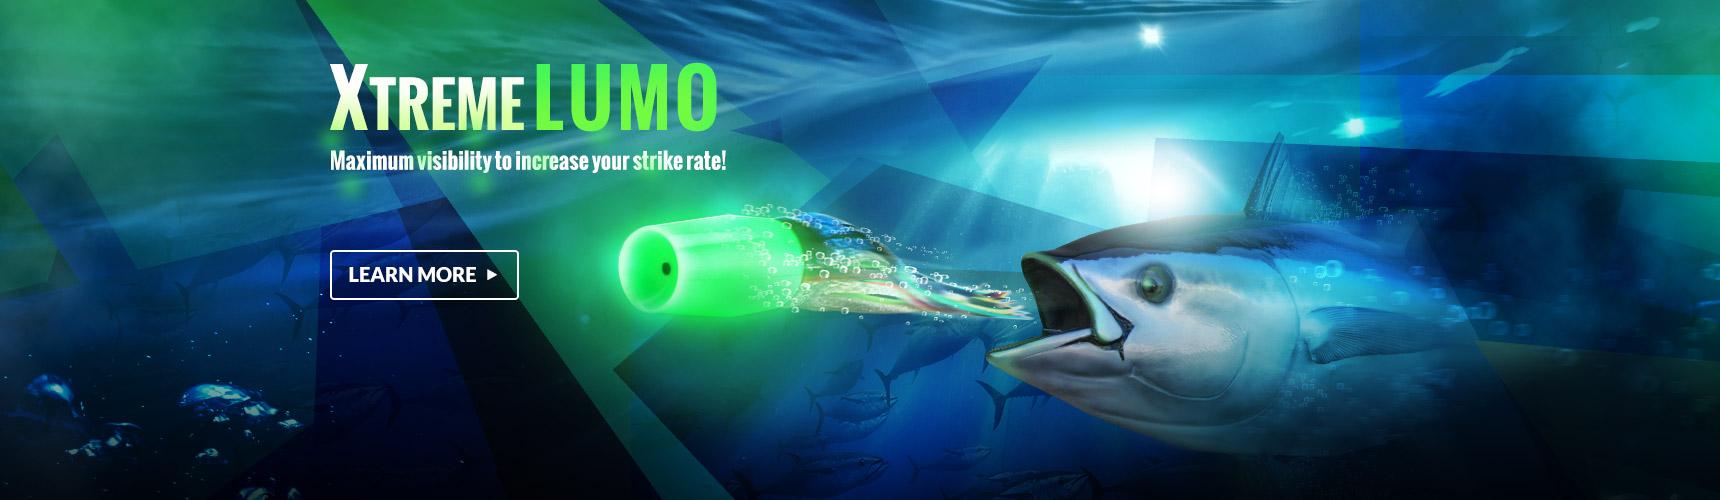 Xtreme Lumo - Zacatak Game Fishing Lures